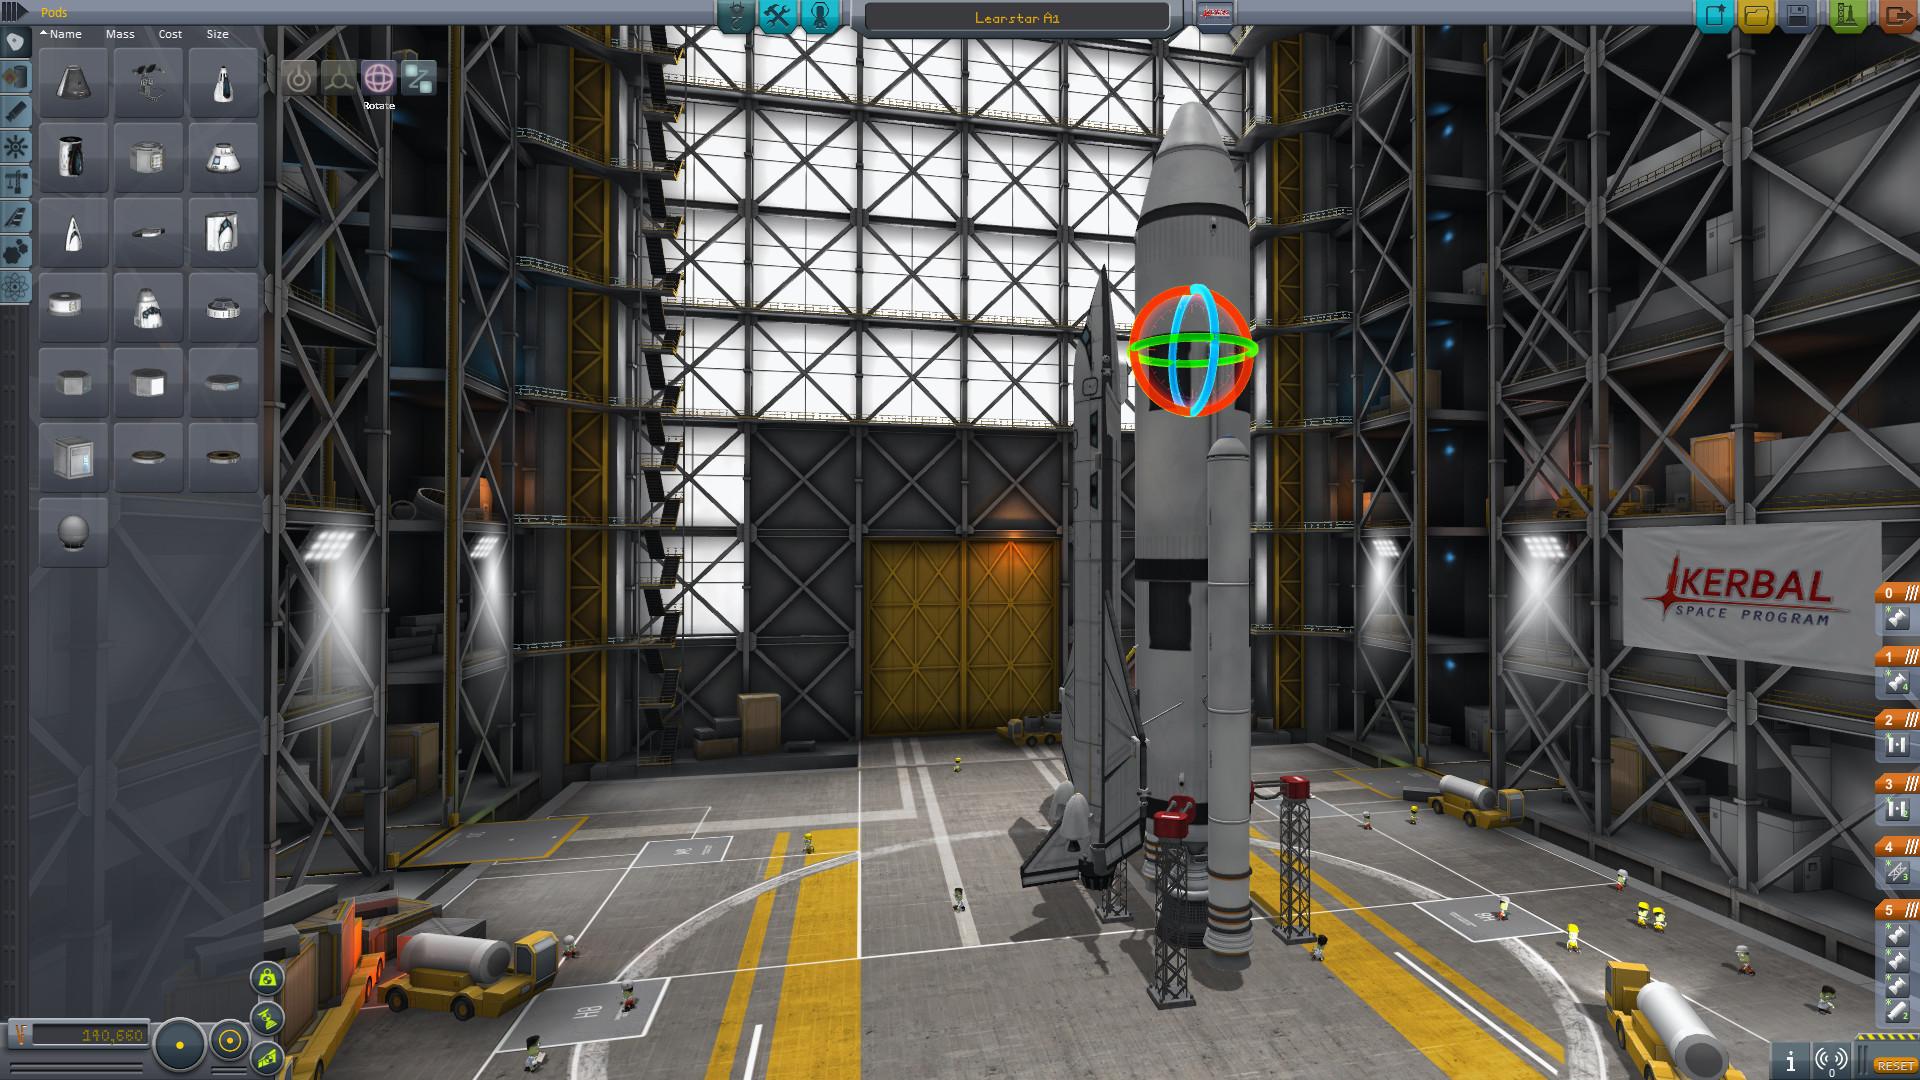 Kerbal Space Program - Best space games 2020